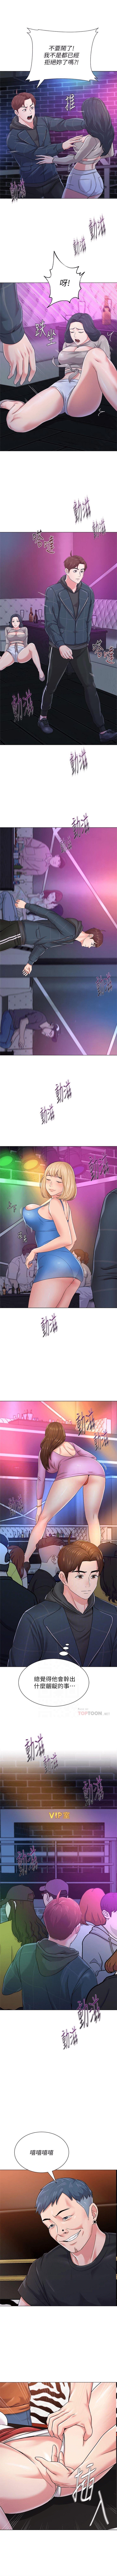 (周3)老师 1-56 中文翻译(更新中) 328